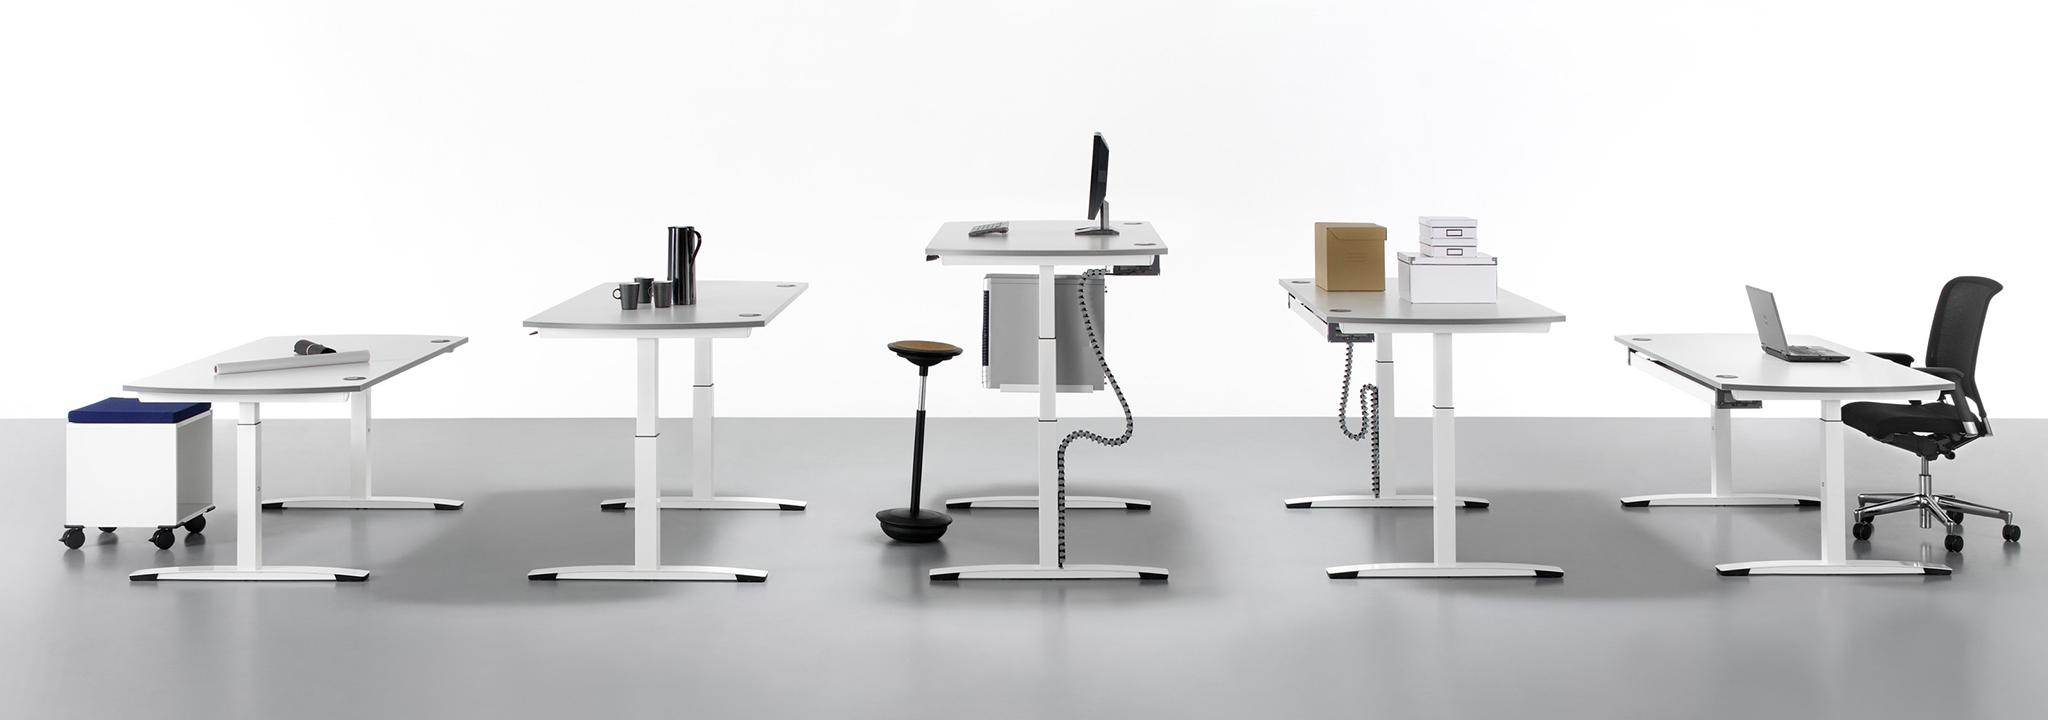 Steh-Sitz-Arbeitsplätze bringen Bewegung in den Arbeitsalltag